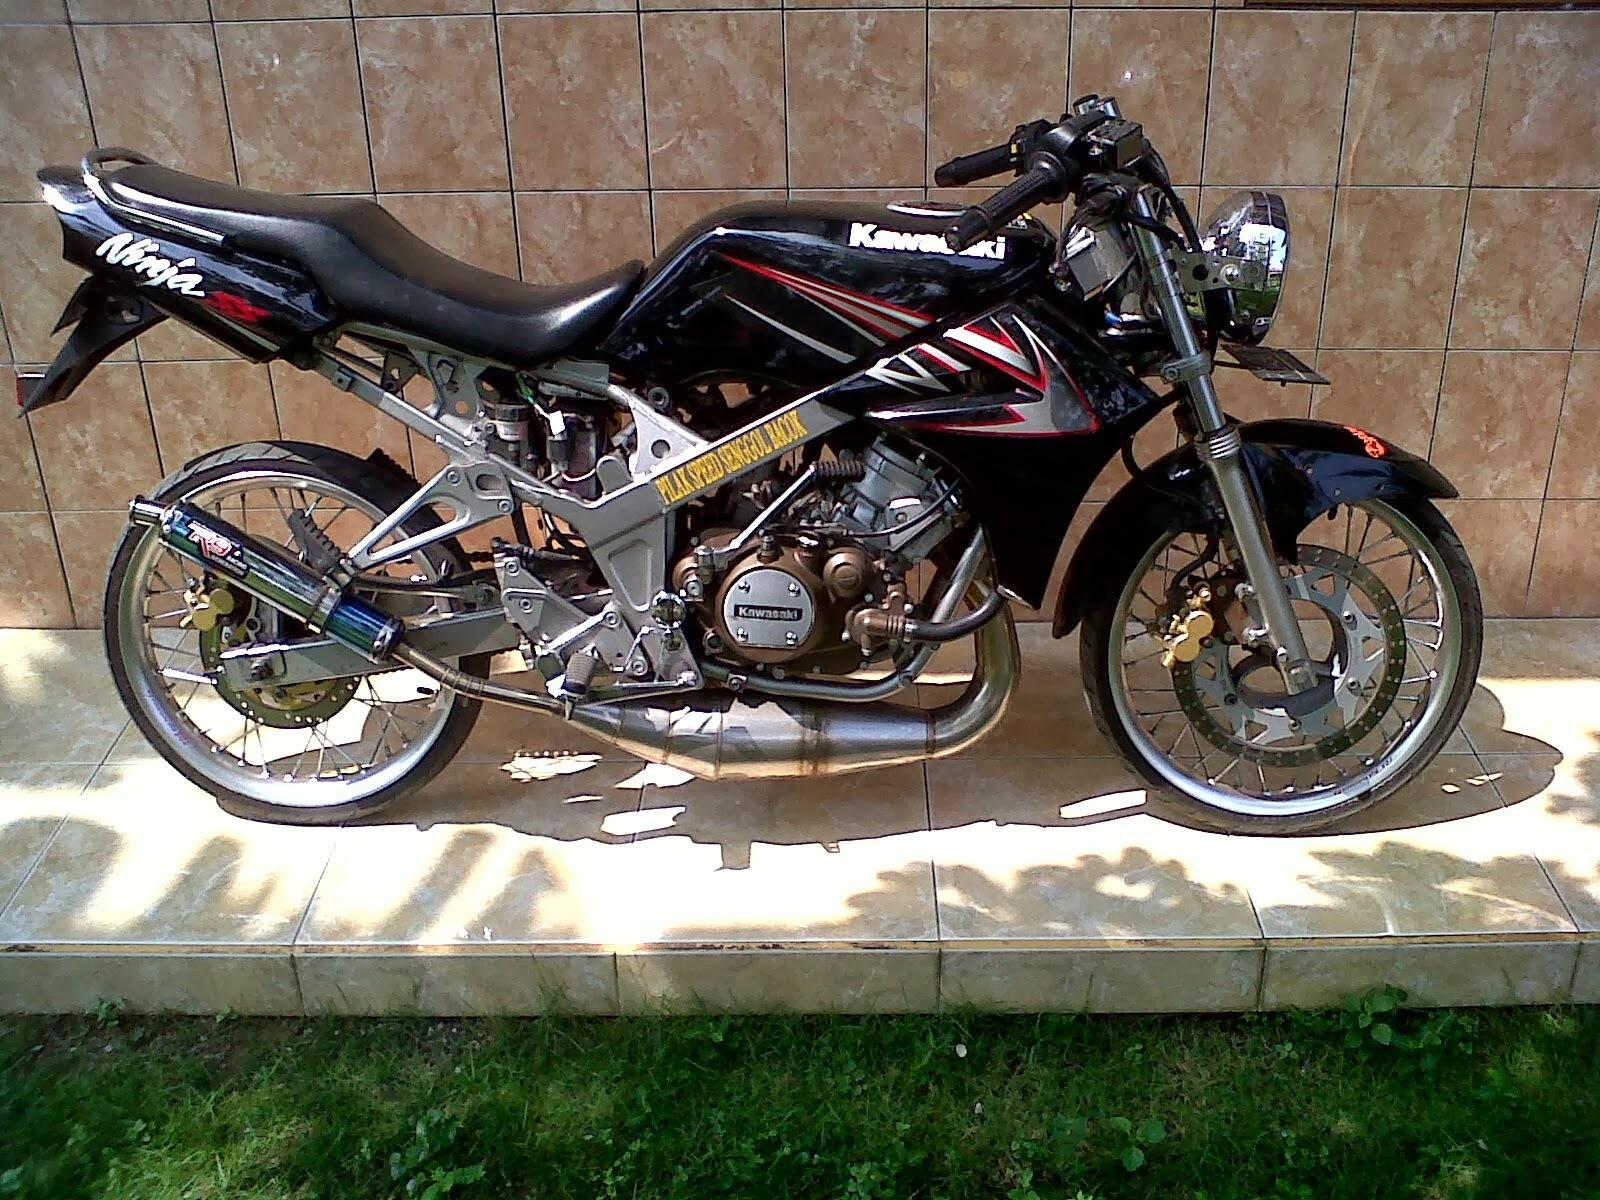 Blognya Si Freeman Persamaan Dan Perbedaan Kawasaki Ninja R 150 Komstir 250r Rr